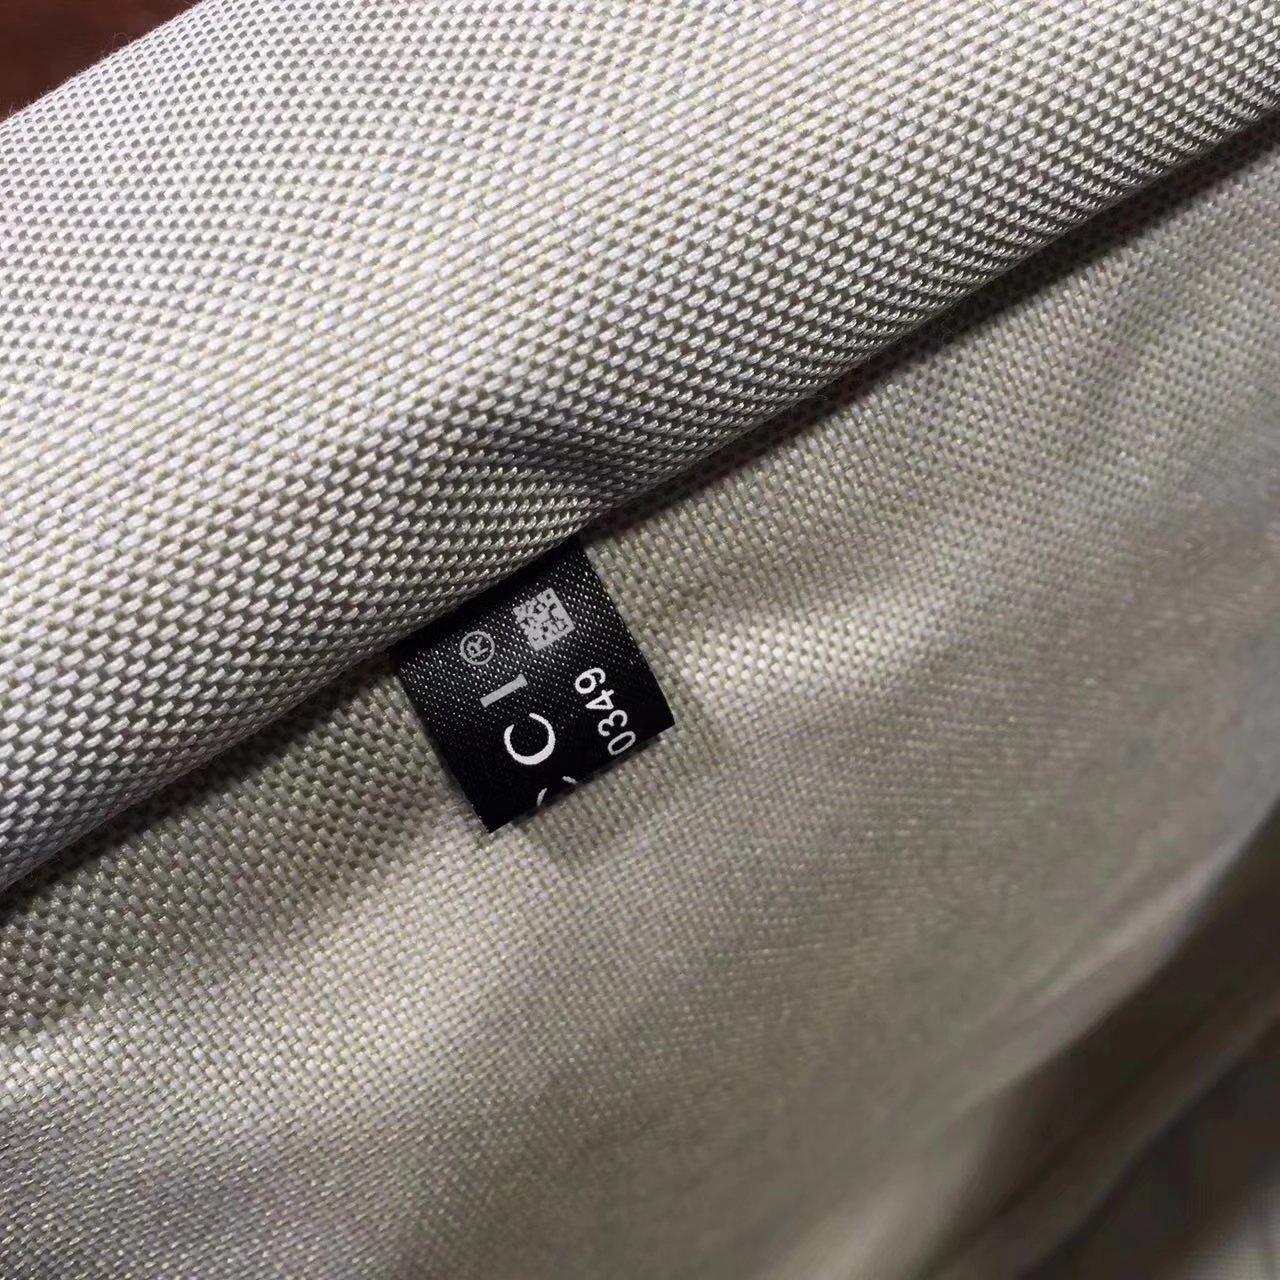 Gucci 201480 Men Briefcase GG Supreme Canvas Blue